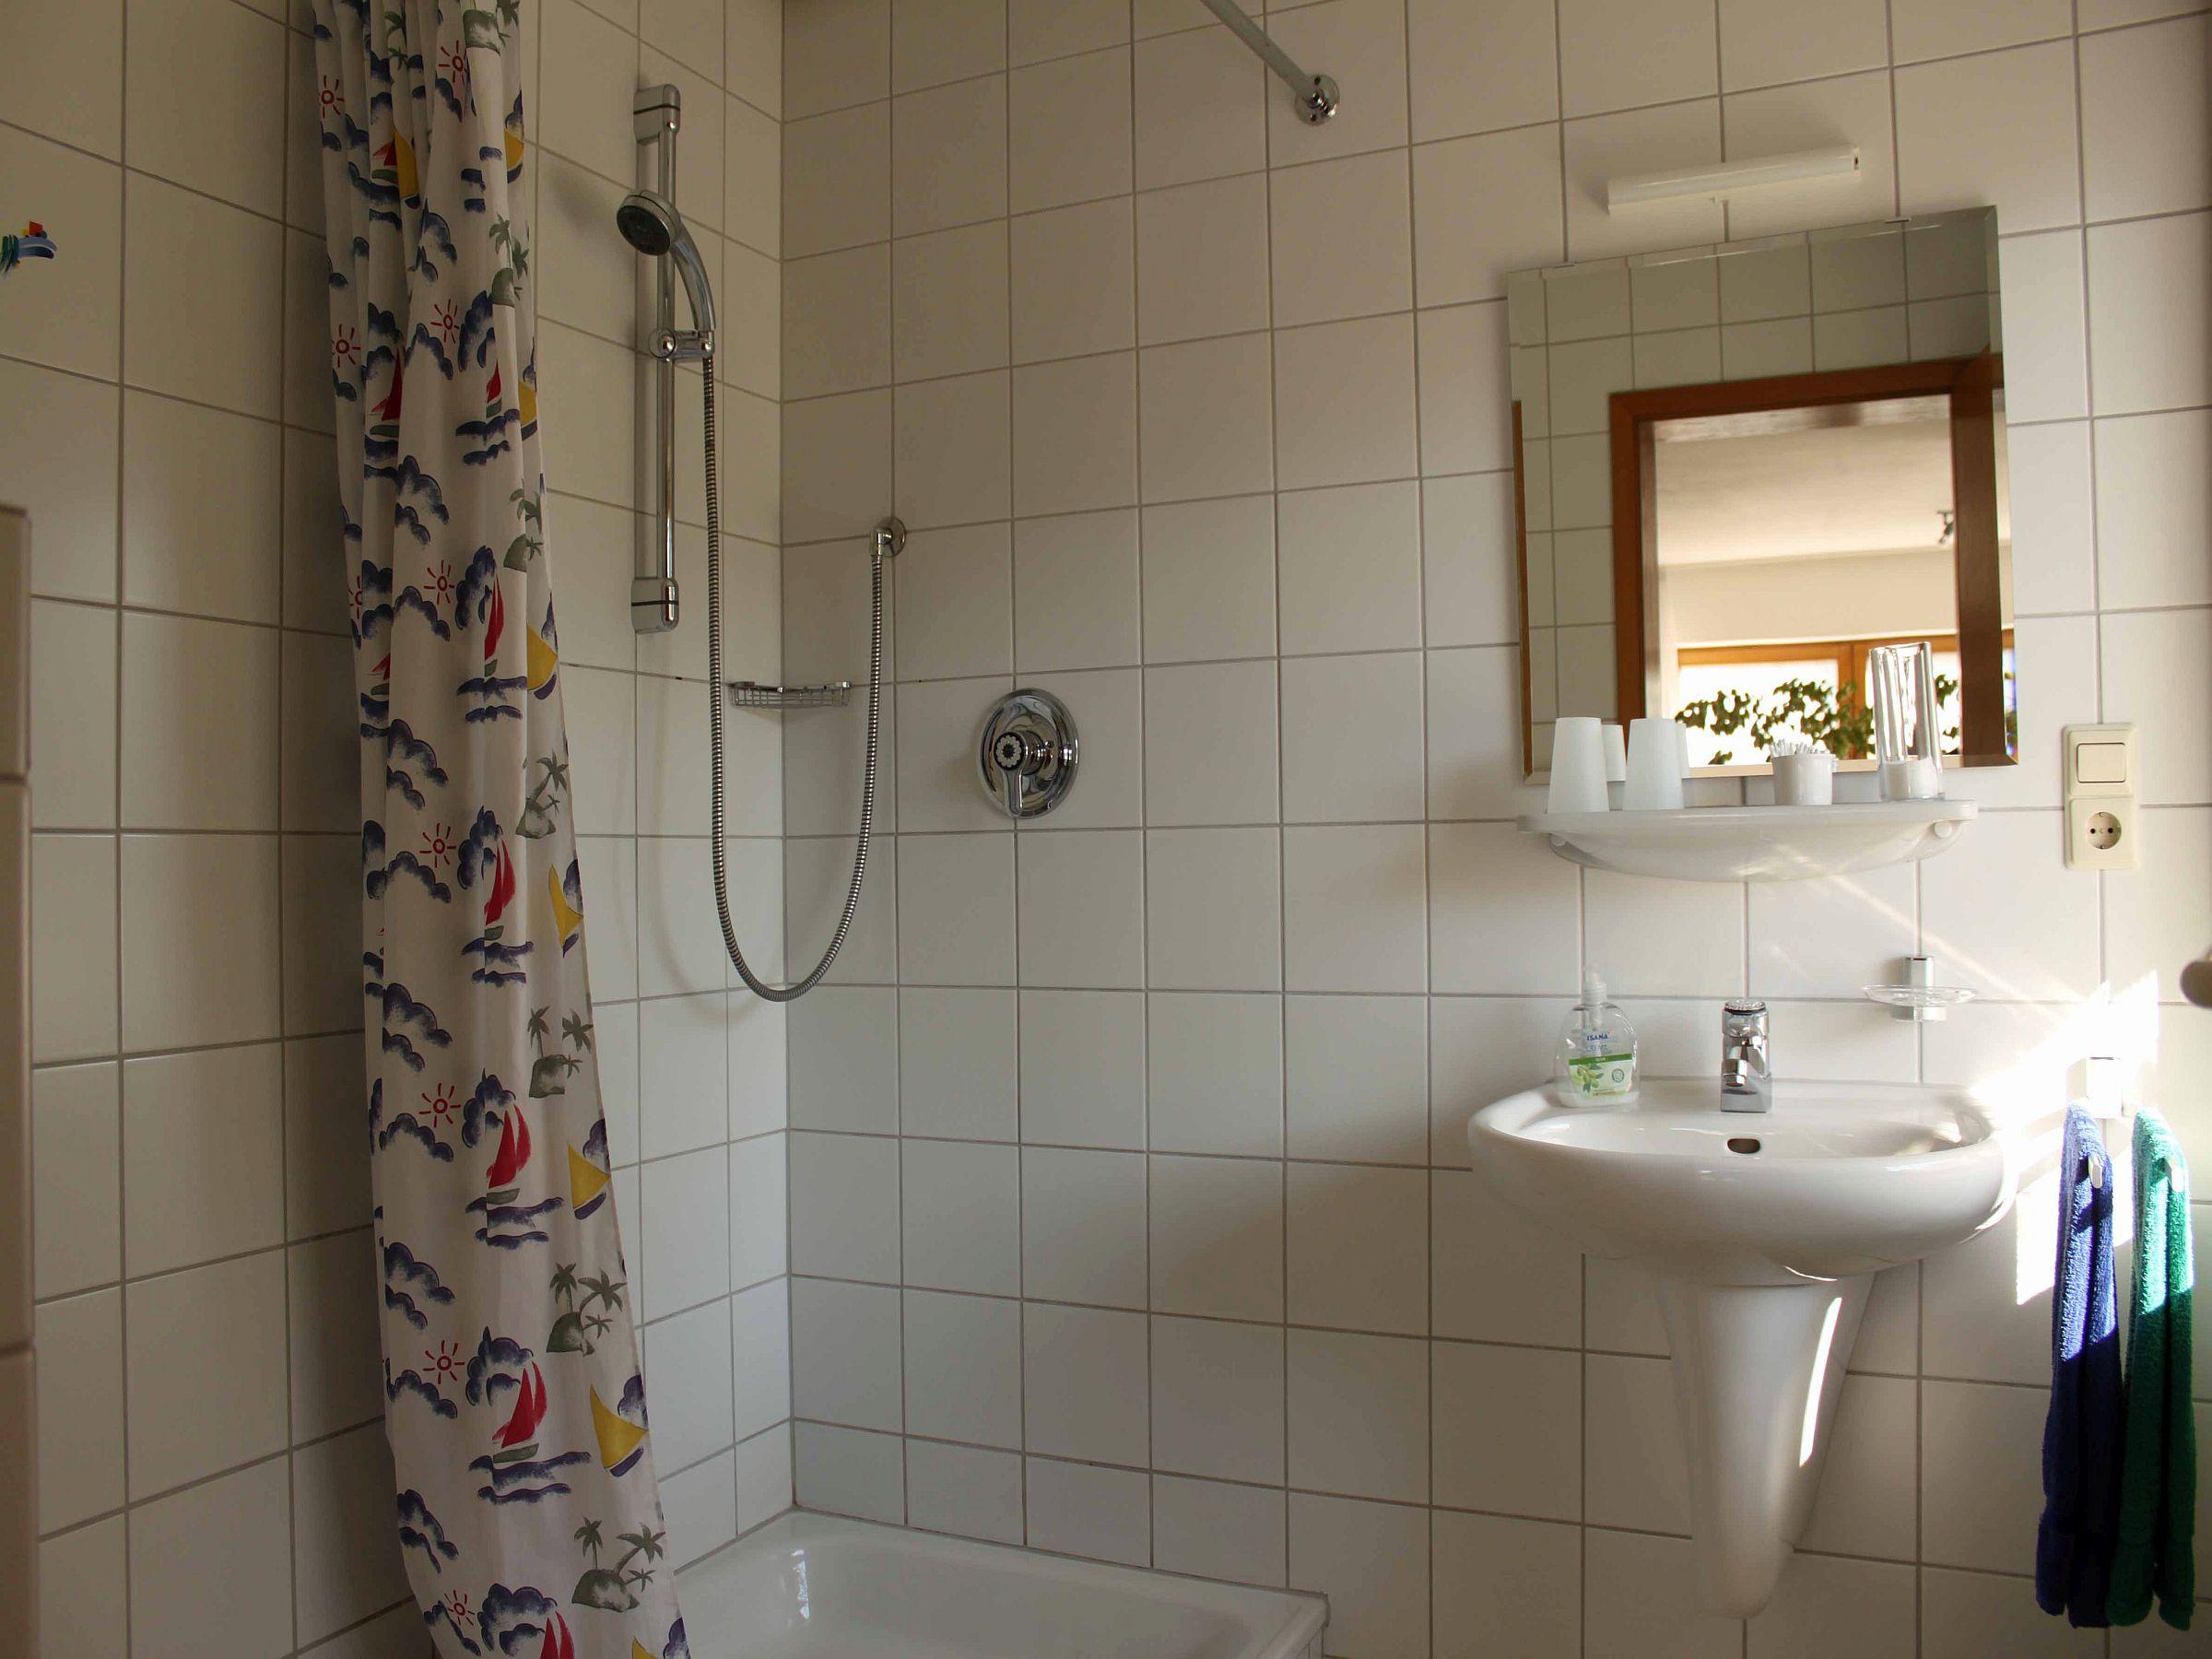 ferienwohnung bendel bad waldsee ferienwohnung 50qm 1 schlafzimmer 1 wohn schlafbereich. Black Bedroom Furniture Sets. Home Design Ideas